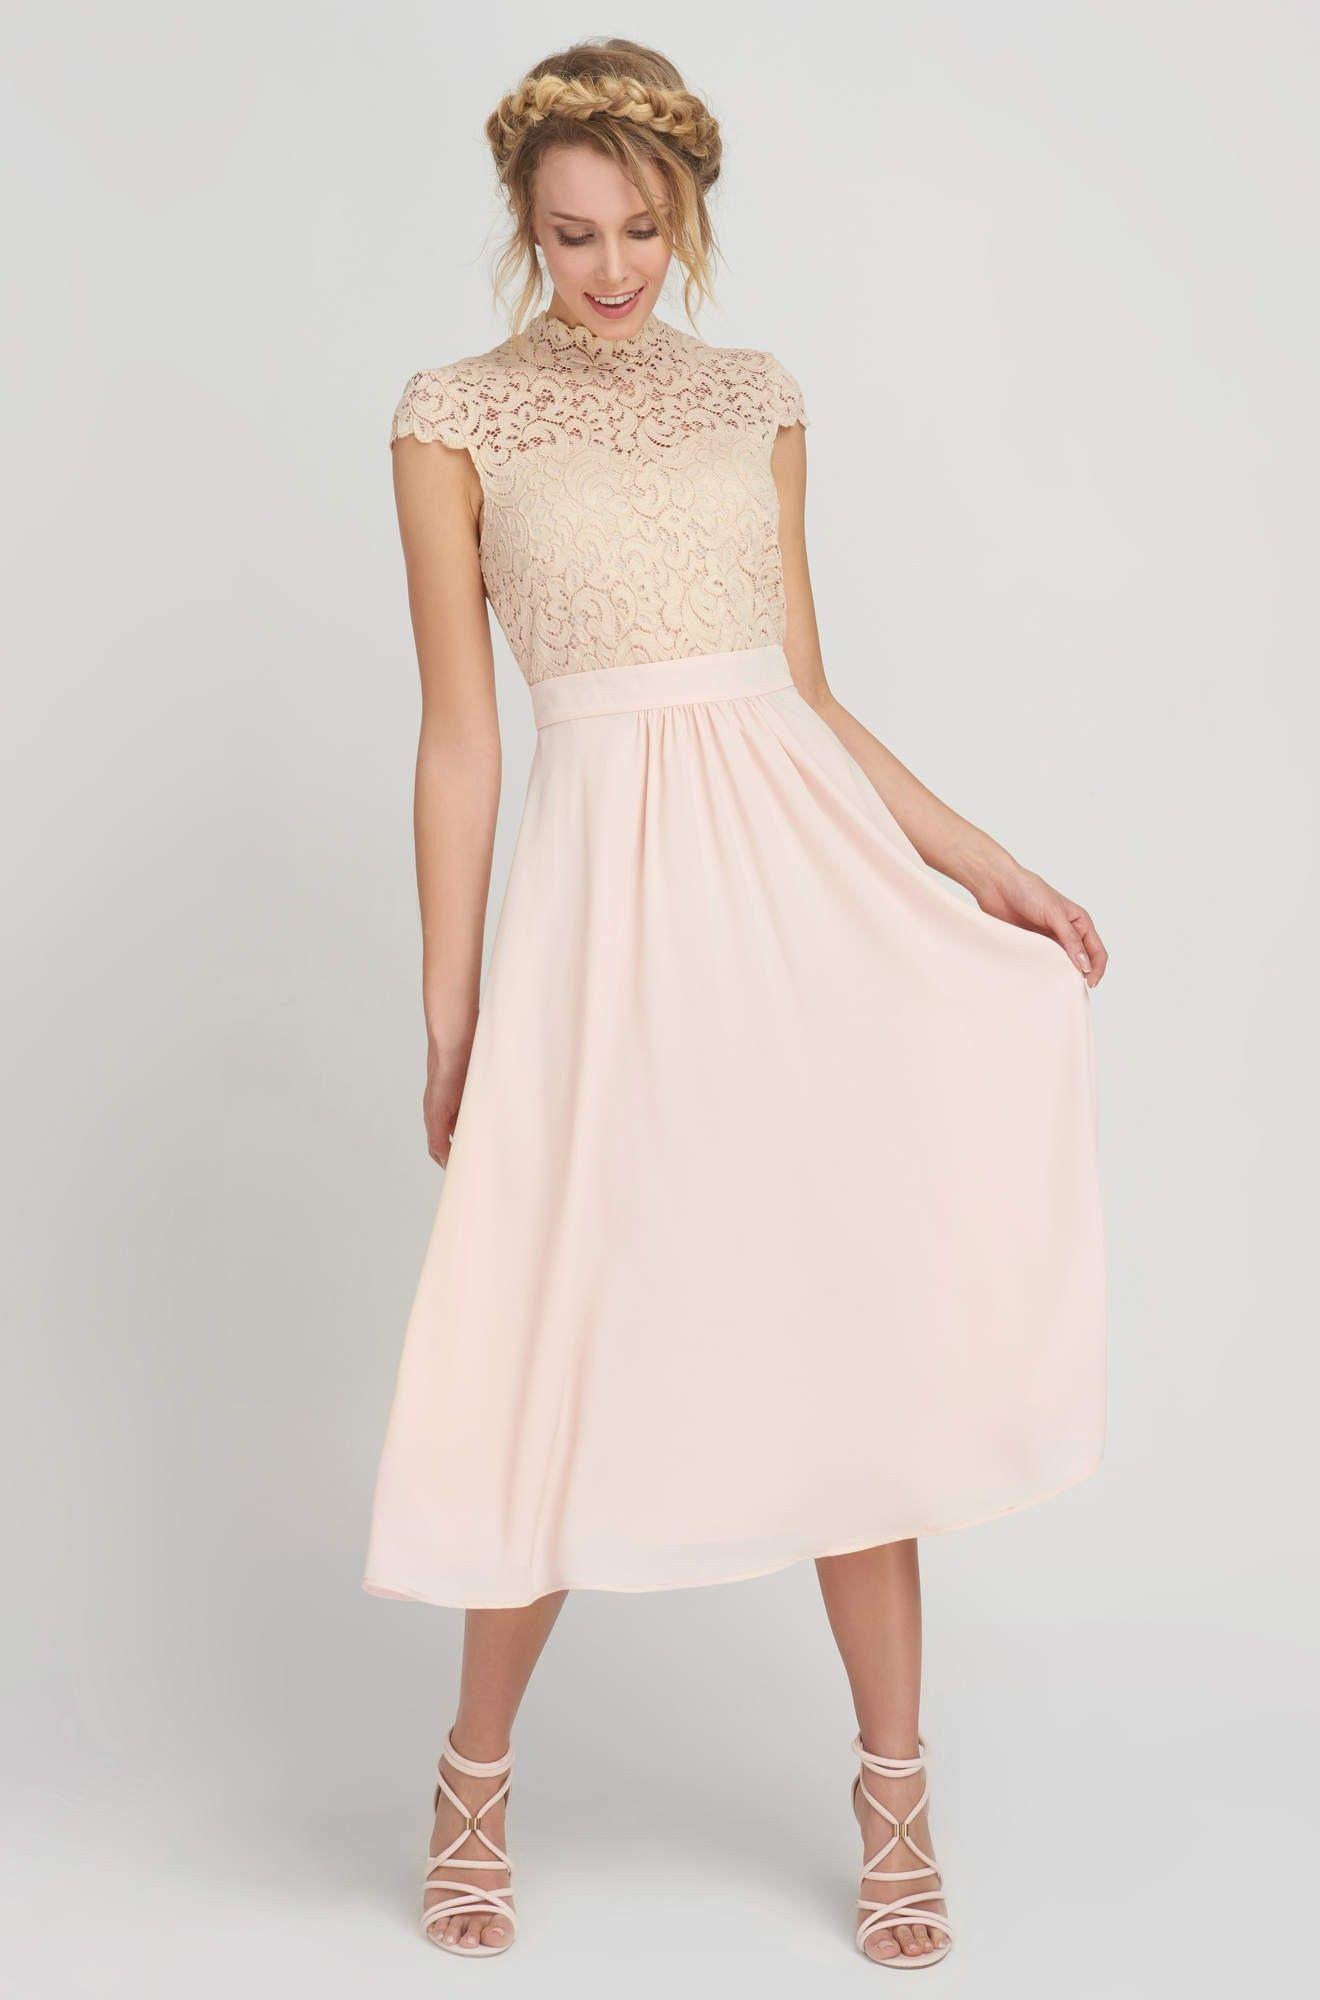 20 Luxus Orsay Abendkleid ÄrmelDesigner Einfach Orsay Abendkleid Stylish